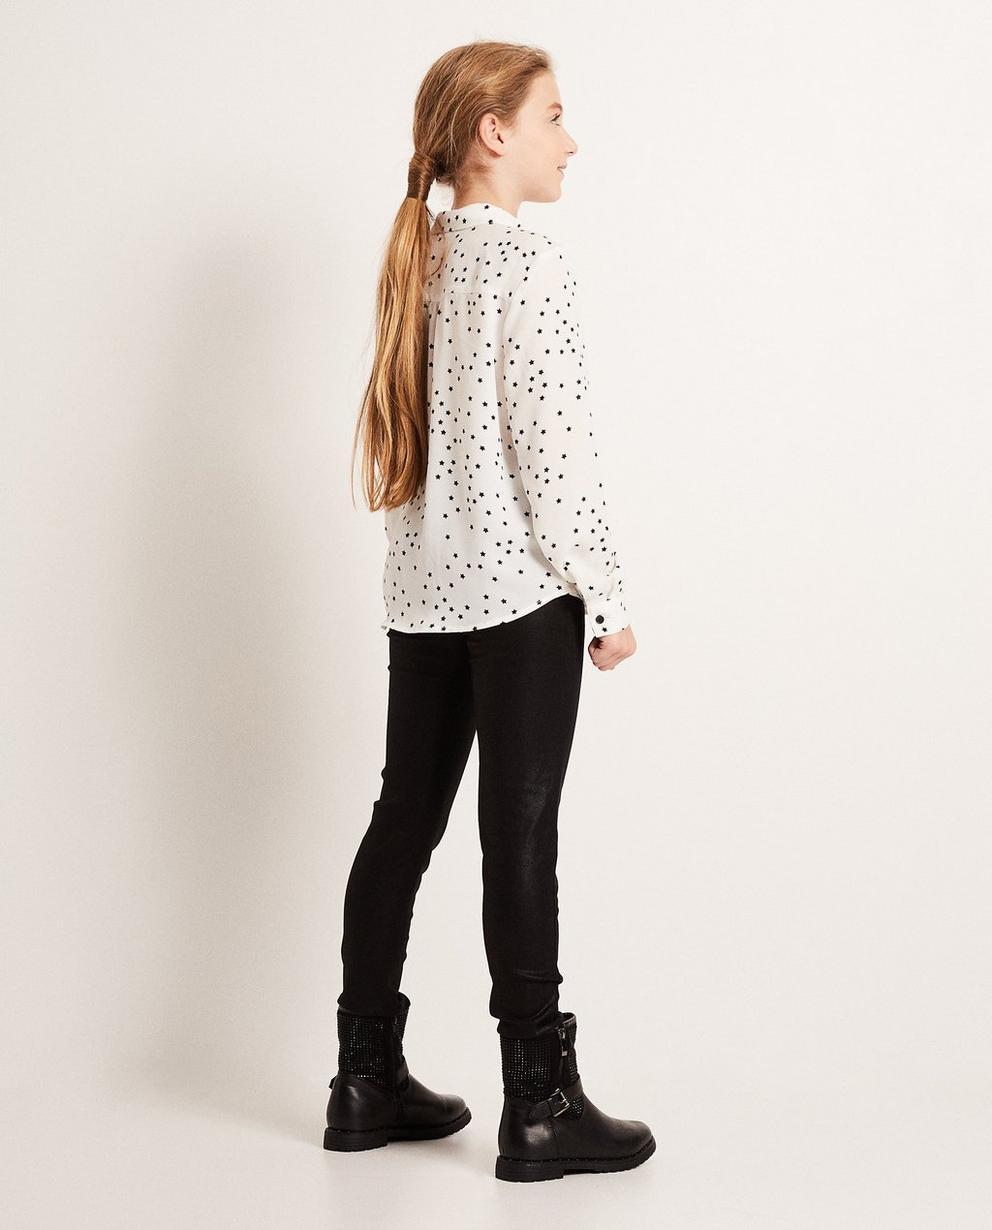 Hemden - Sortiment - Weiße Bluse